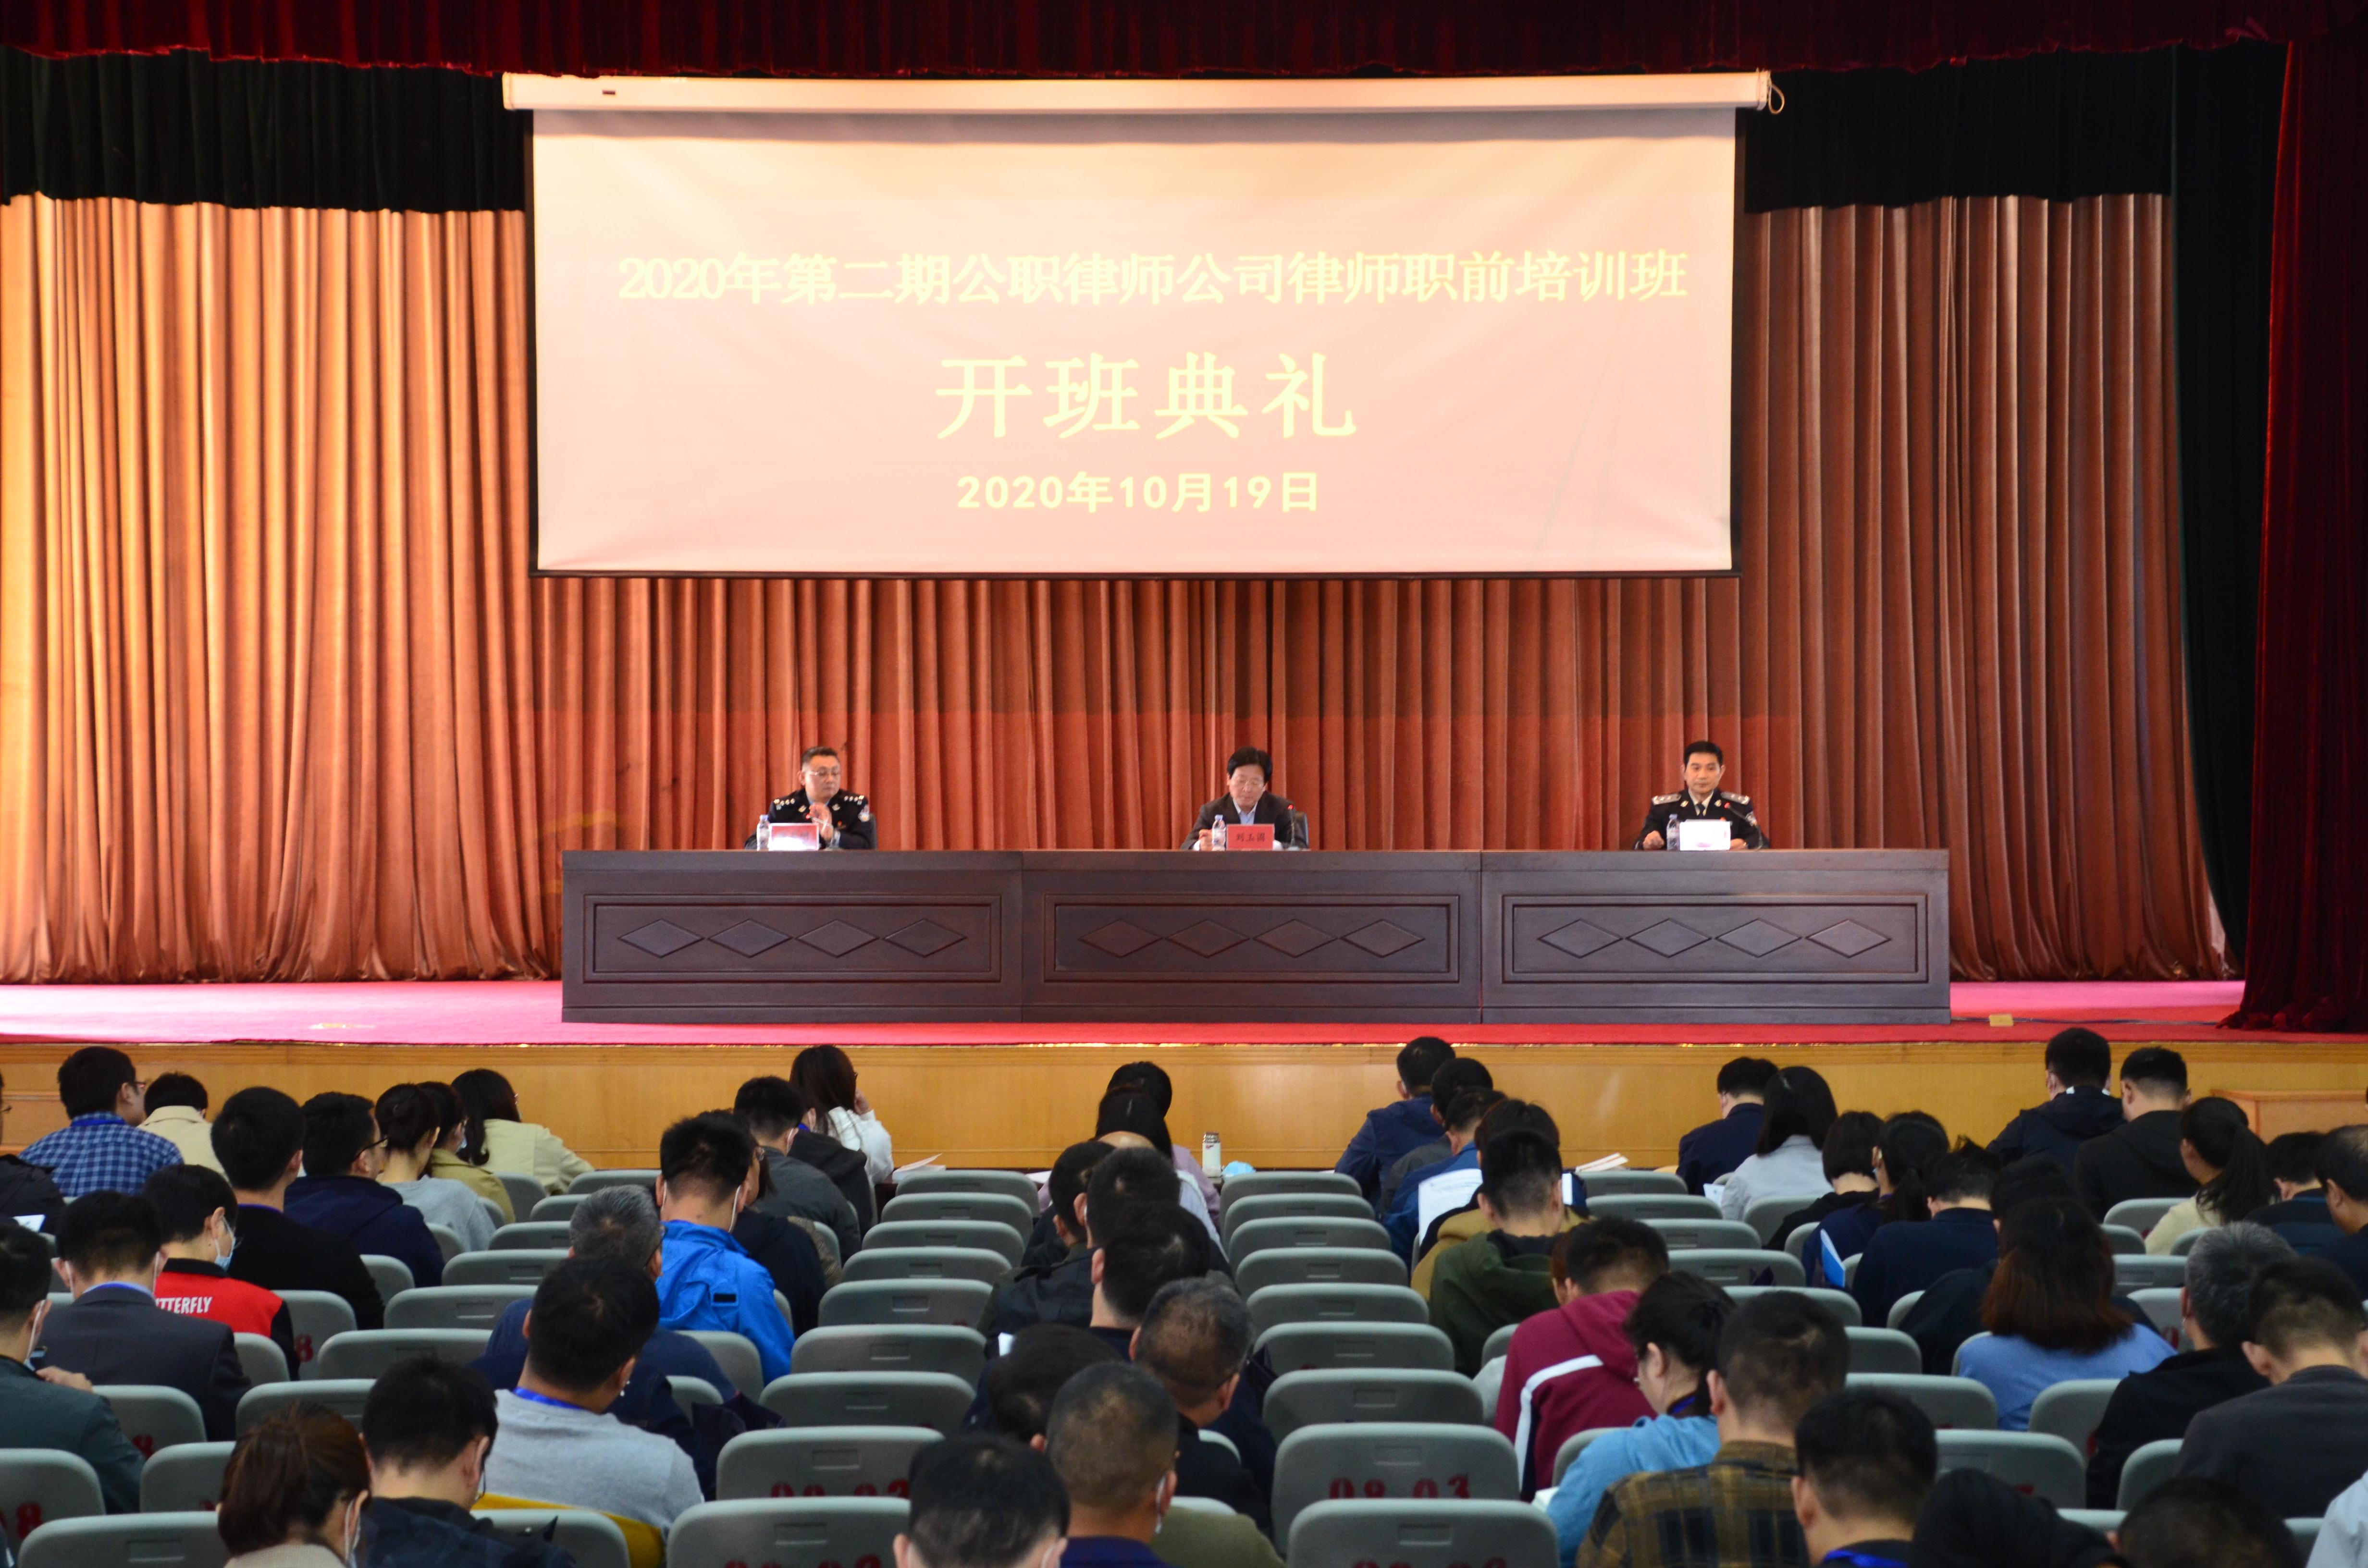 2020年第二期公职律师公司律师职前培训班在燕山校区举办